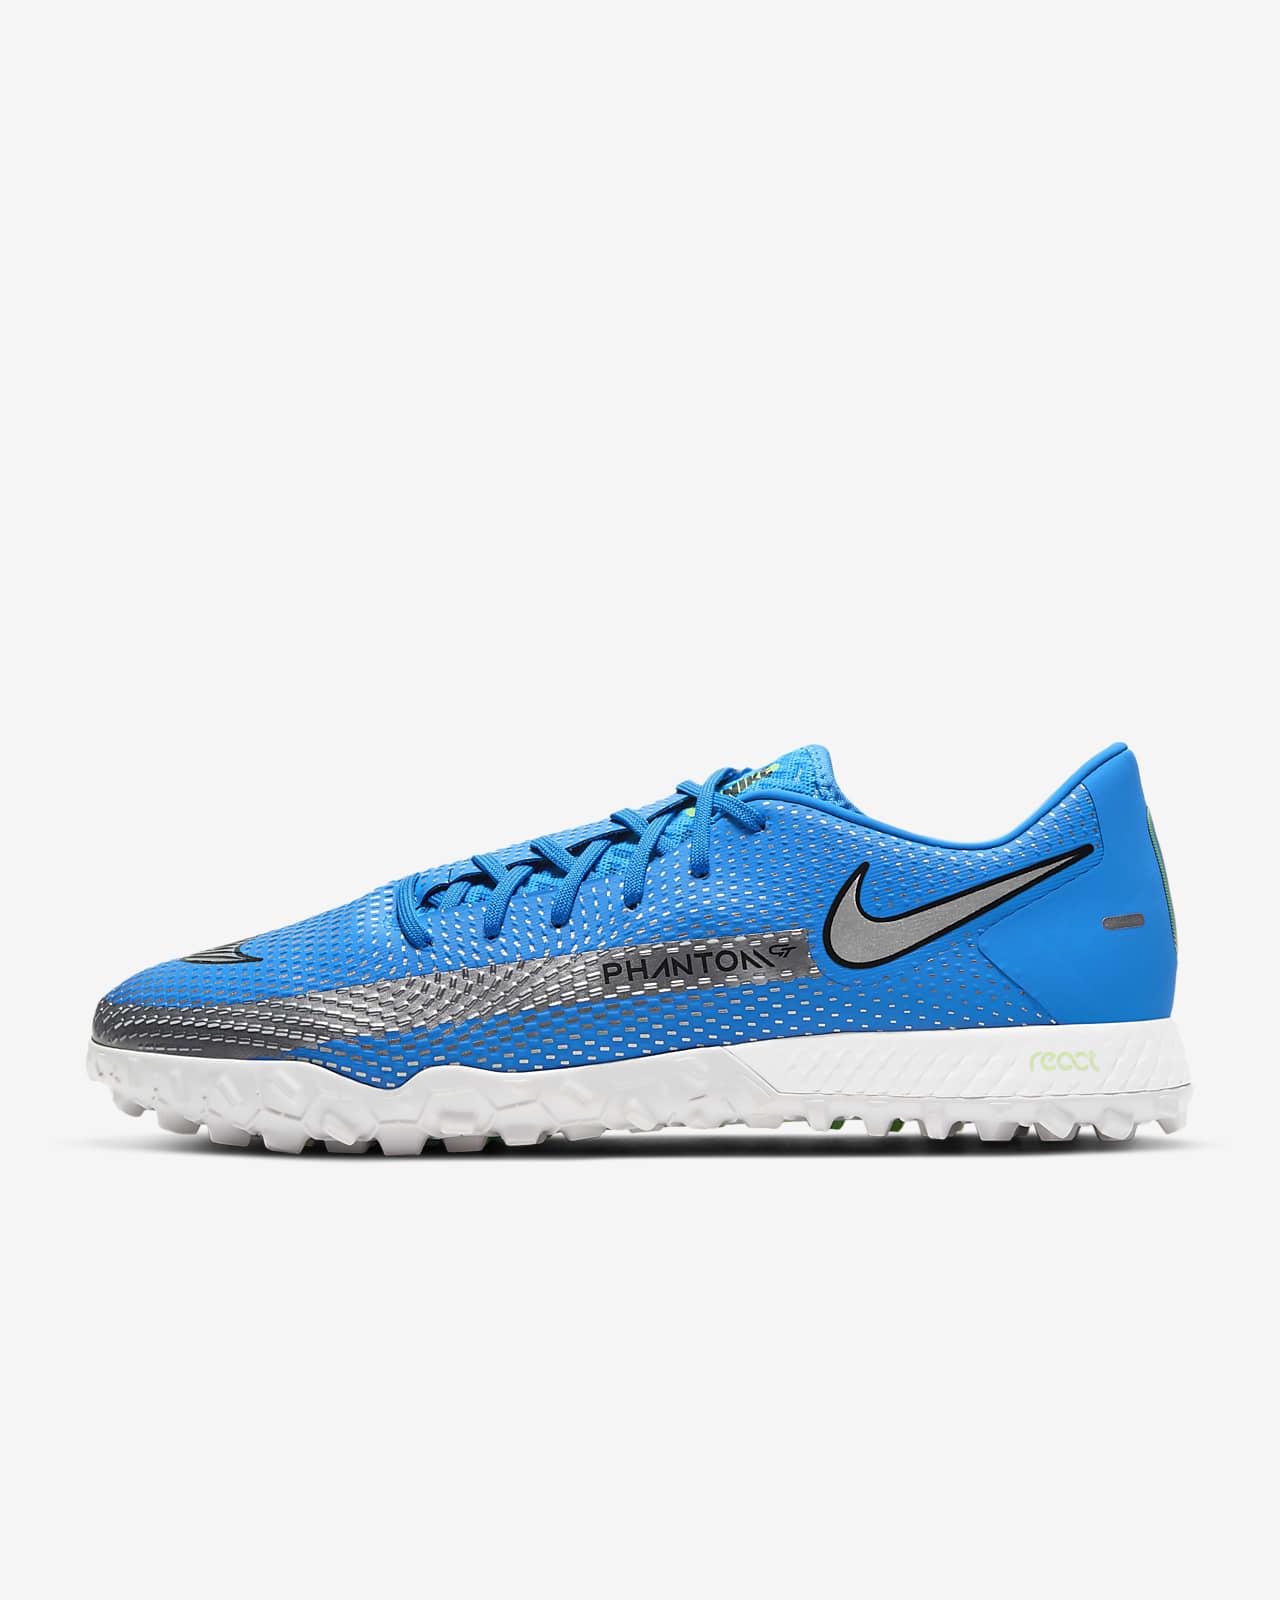 Buty piłkarskie na nawierzchnię typu turf Nike React Phantom GT Pro TF